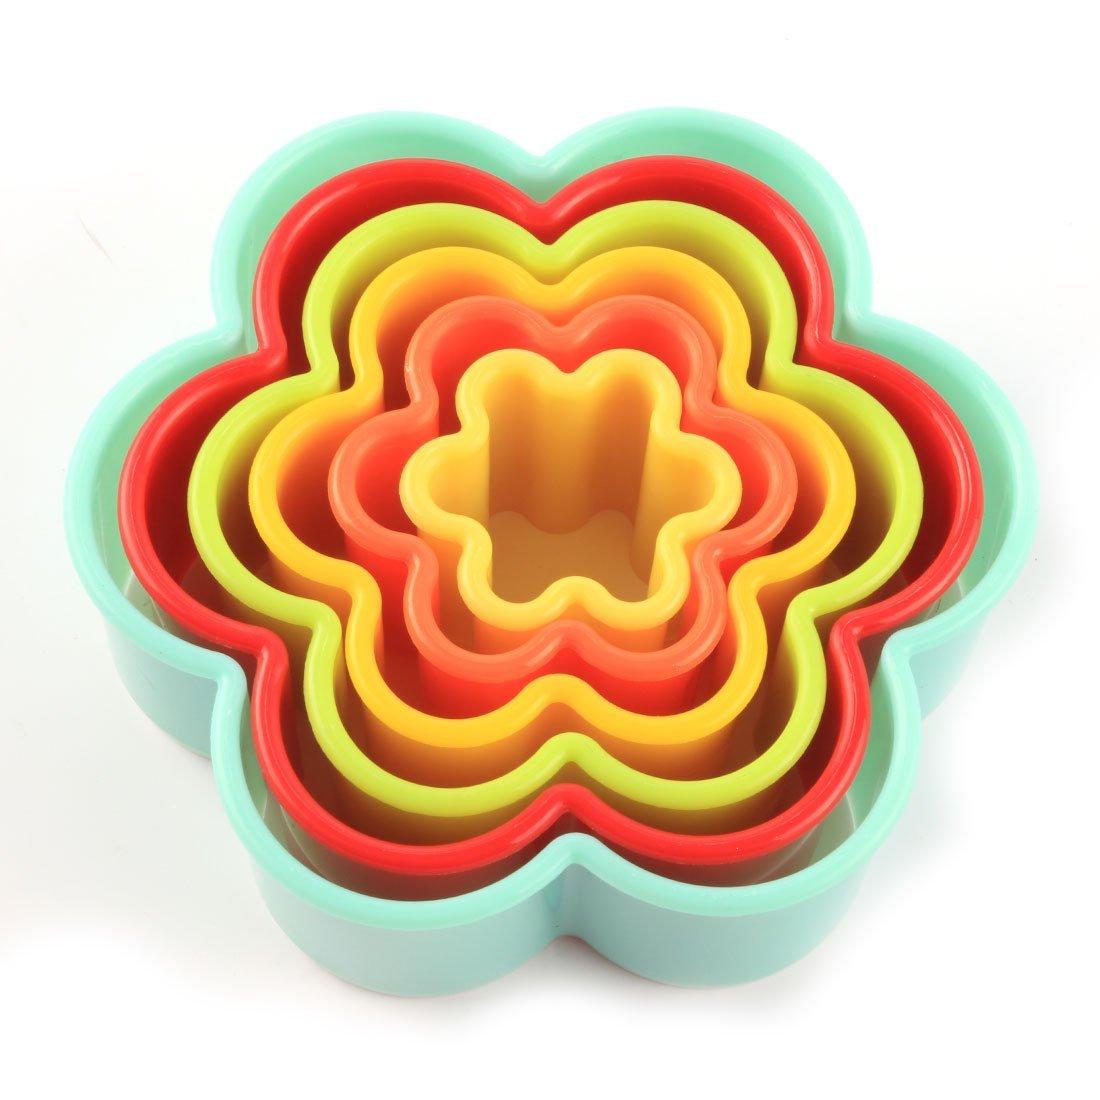 Amazon.com: DealMux Plastic Casa Cozinha Bakeware flor em forma Muffin Bolo Cupcake Moldes 6 em 1: Kitchen & Dining